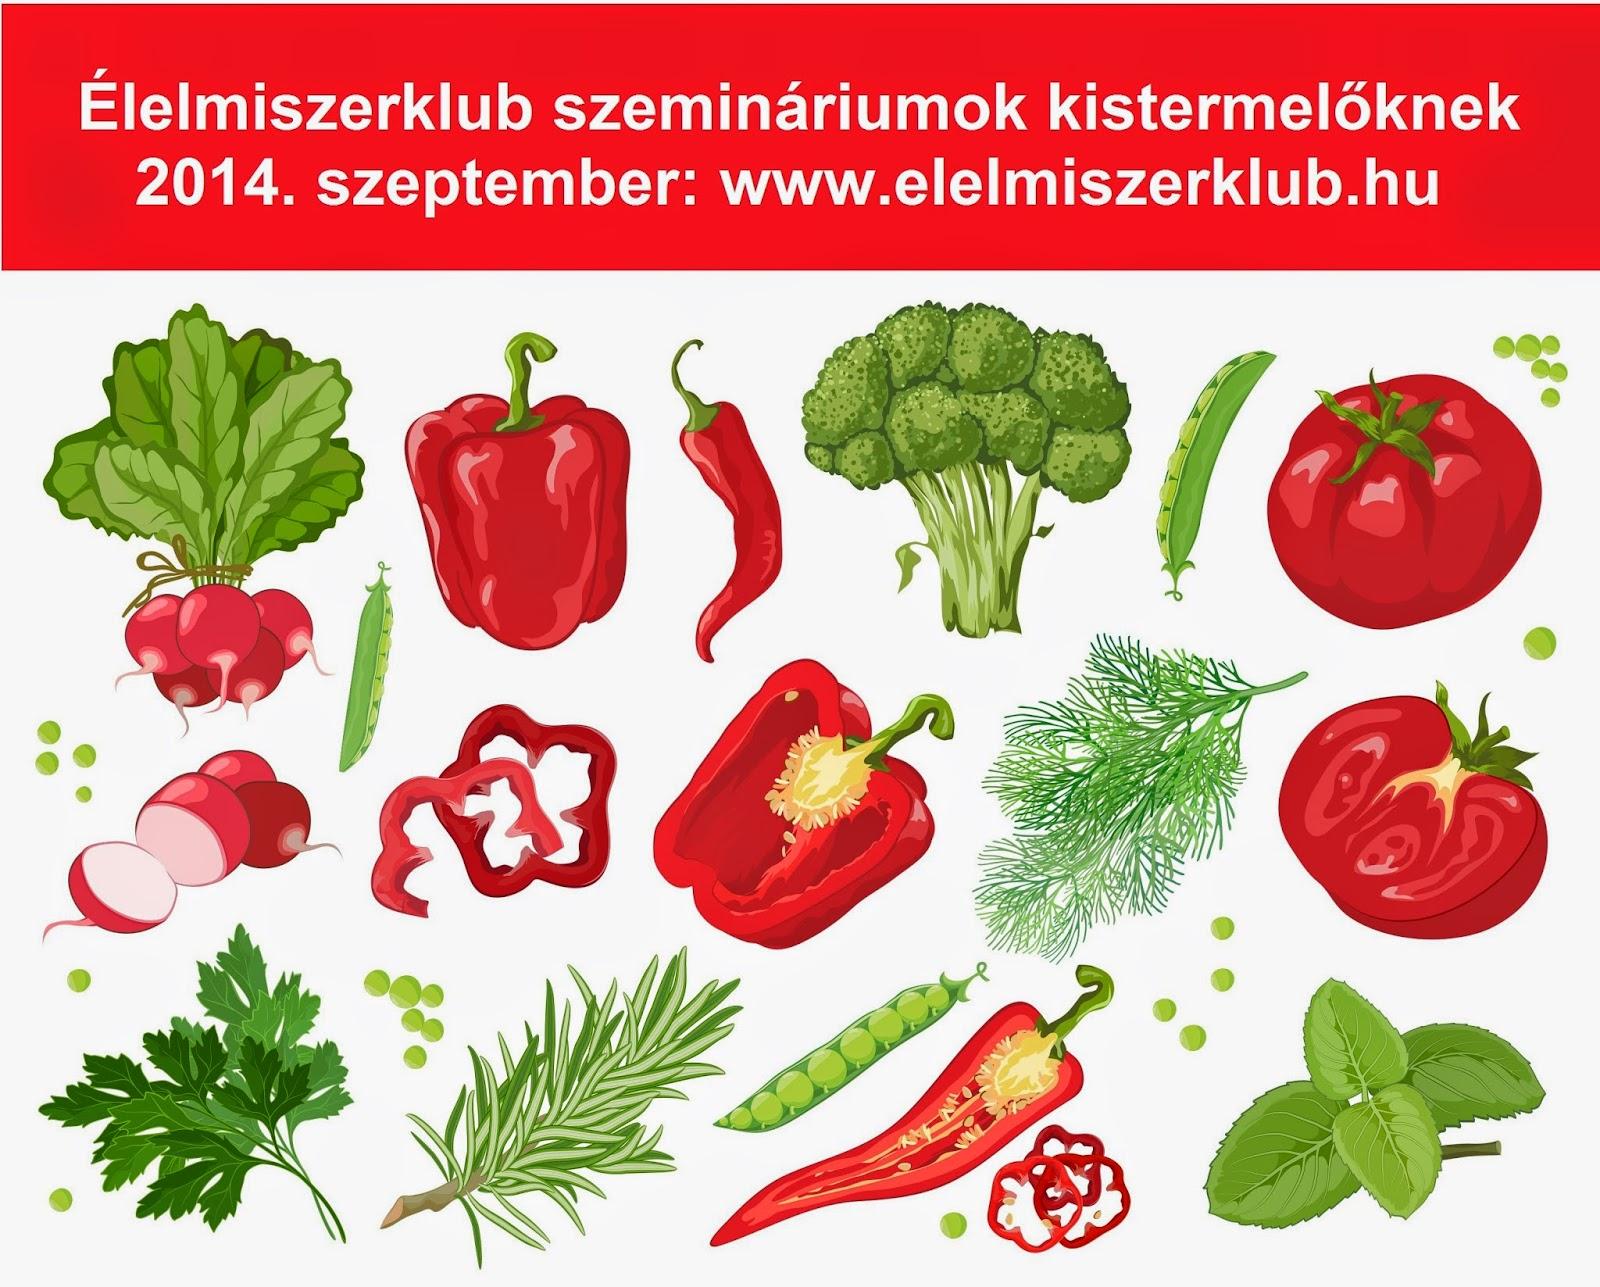 Élelmiszer-kistermelők üzleti tervező és online kommunikációs szemináriuma